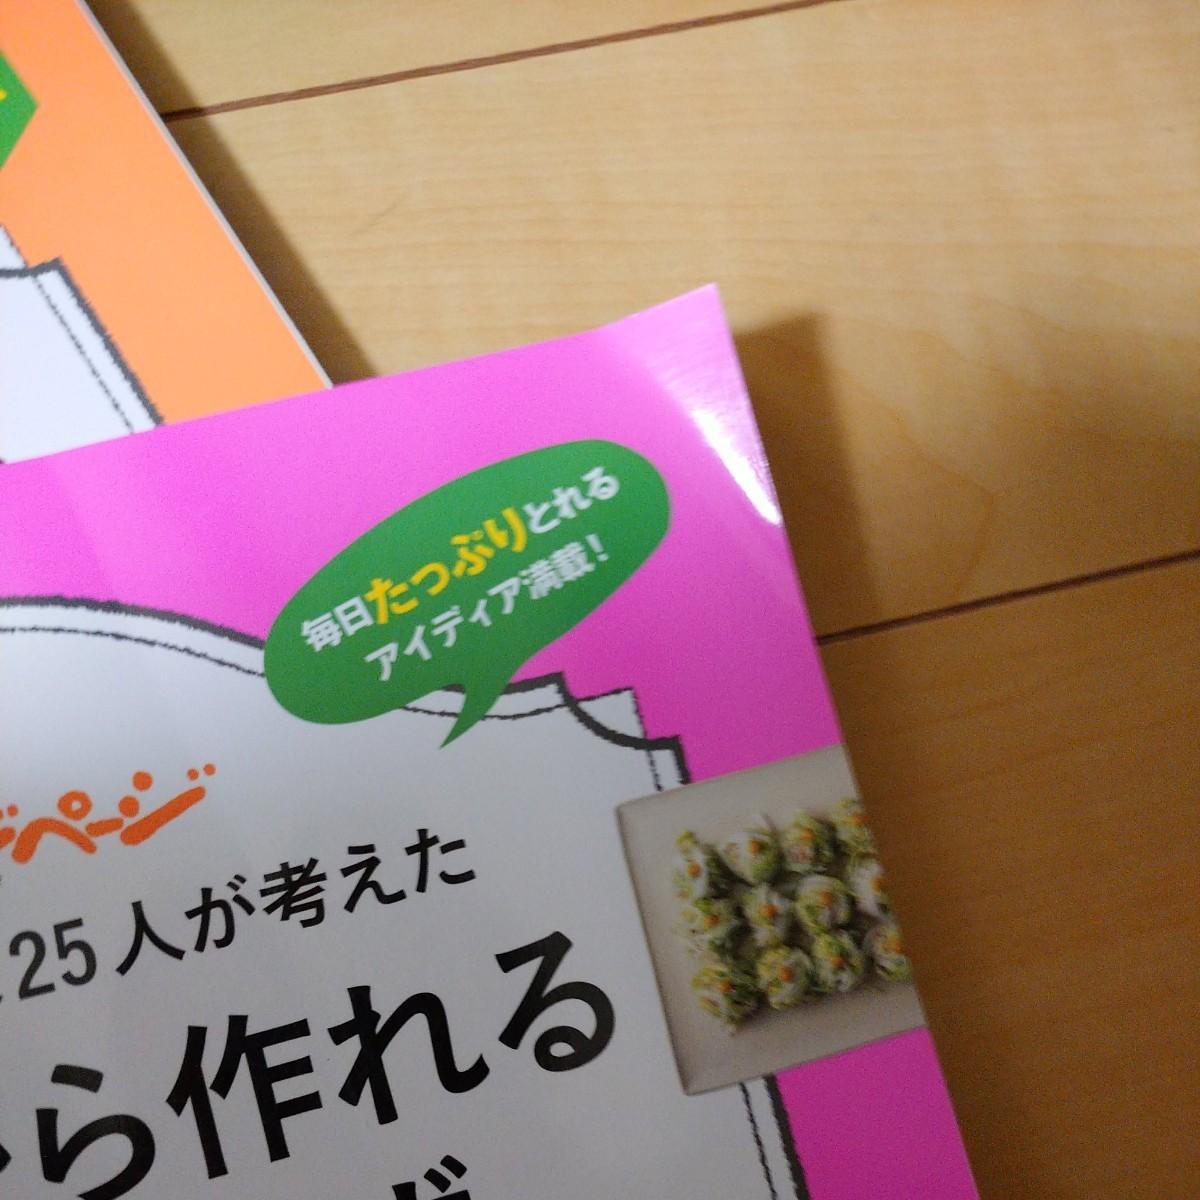 オレンジページ 料理 おかず 本 3冊